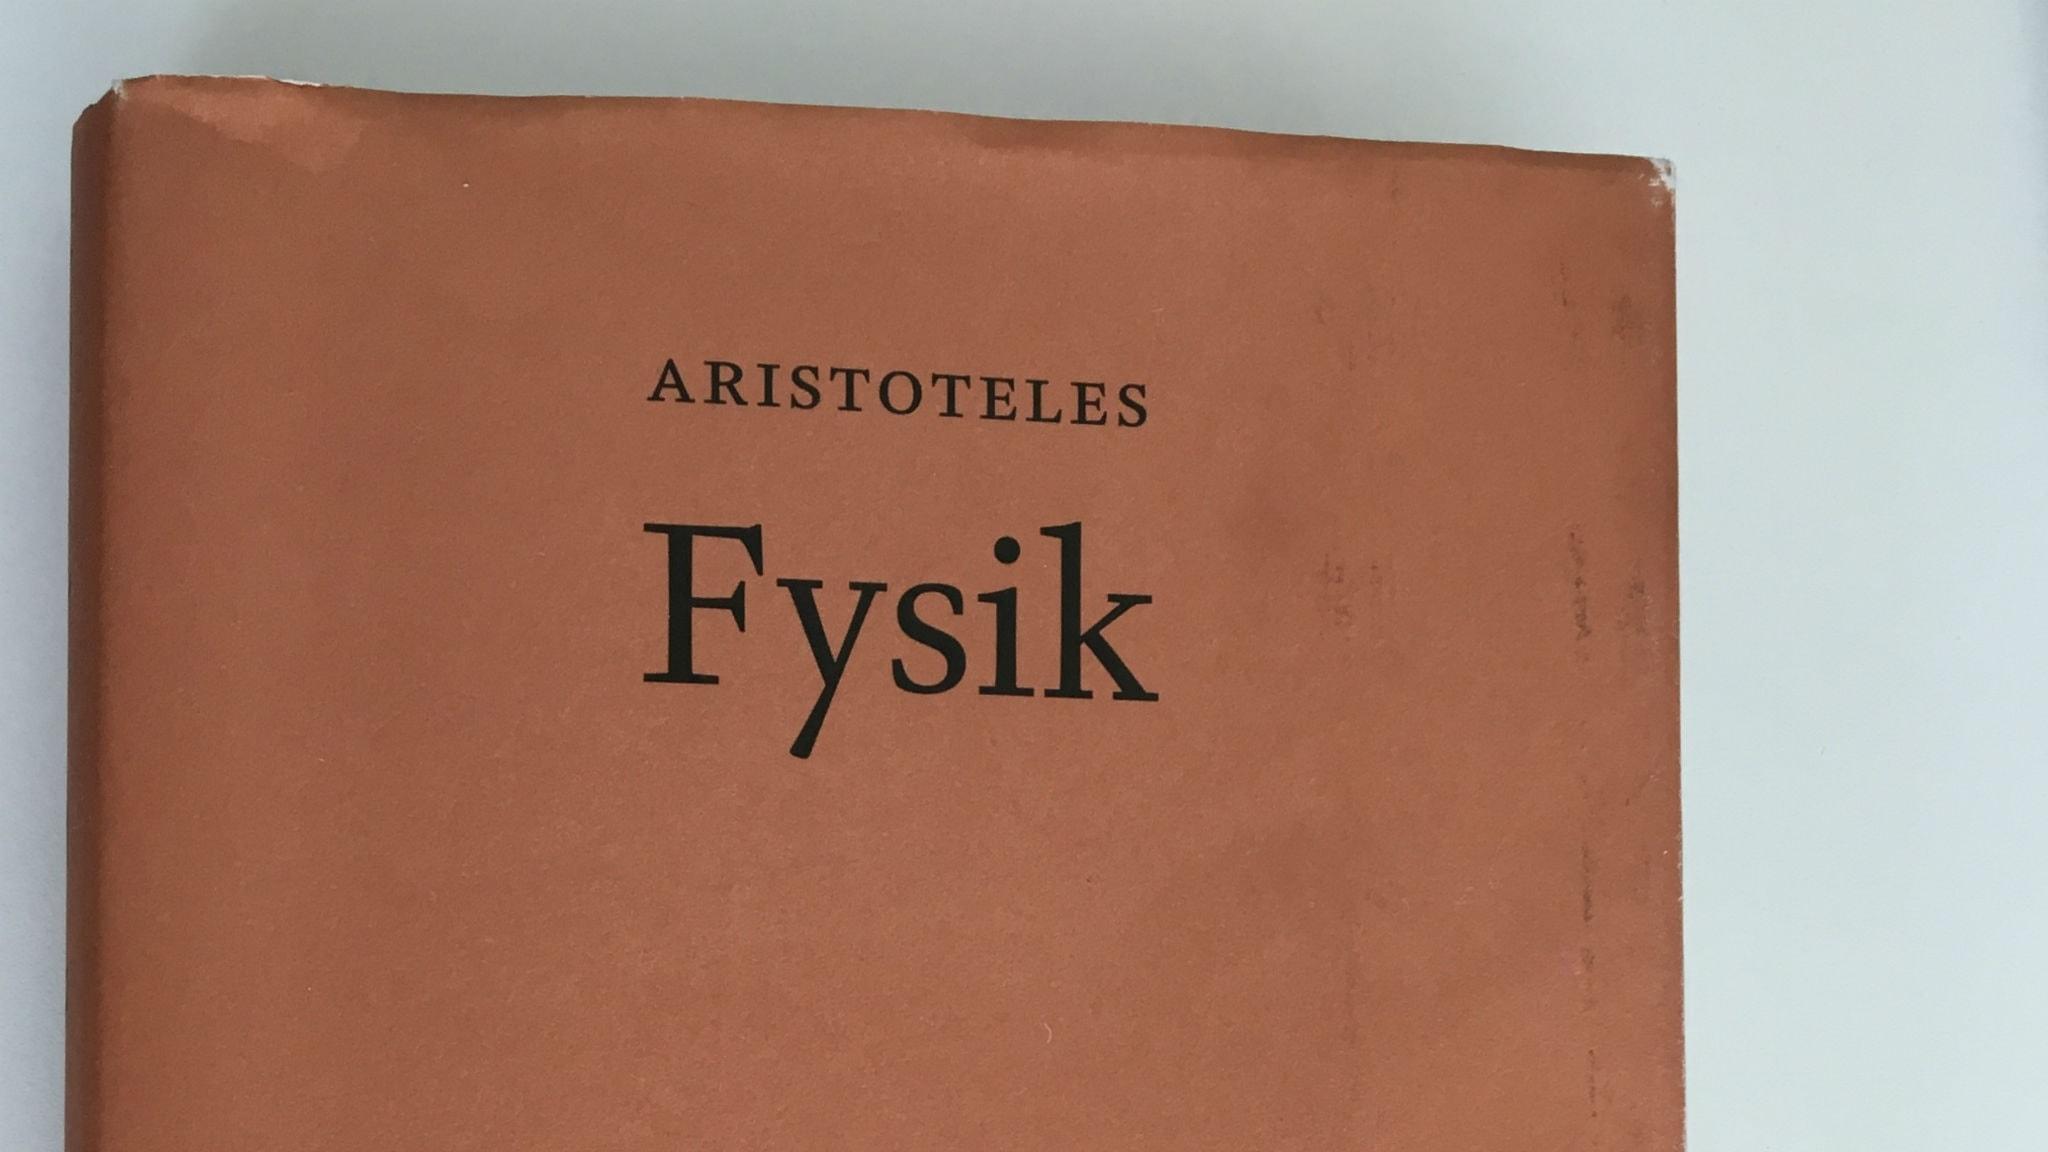 Aristoteles Fysik